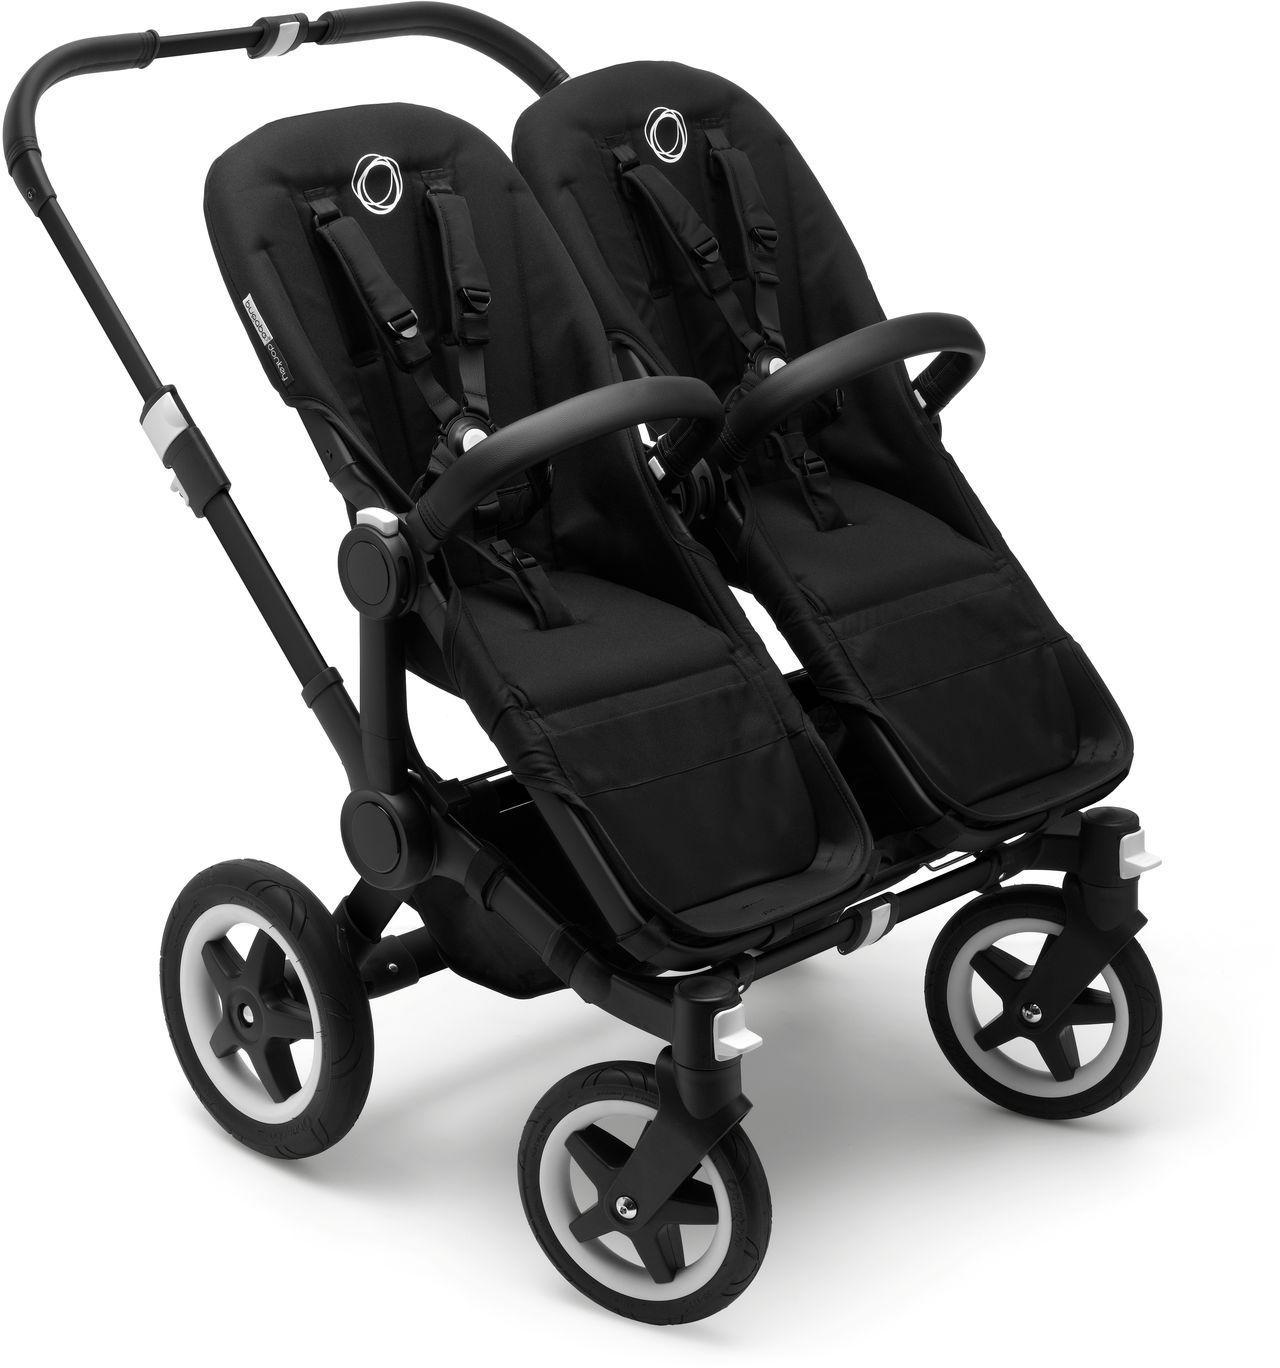 donkey 2 twin kinderwagen set komplett schwarz schwarz bugaboo kleine fabriek. Black Bedroom Furniture Sets. Home Design Ideas